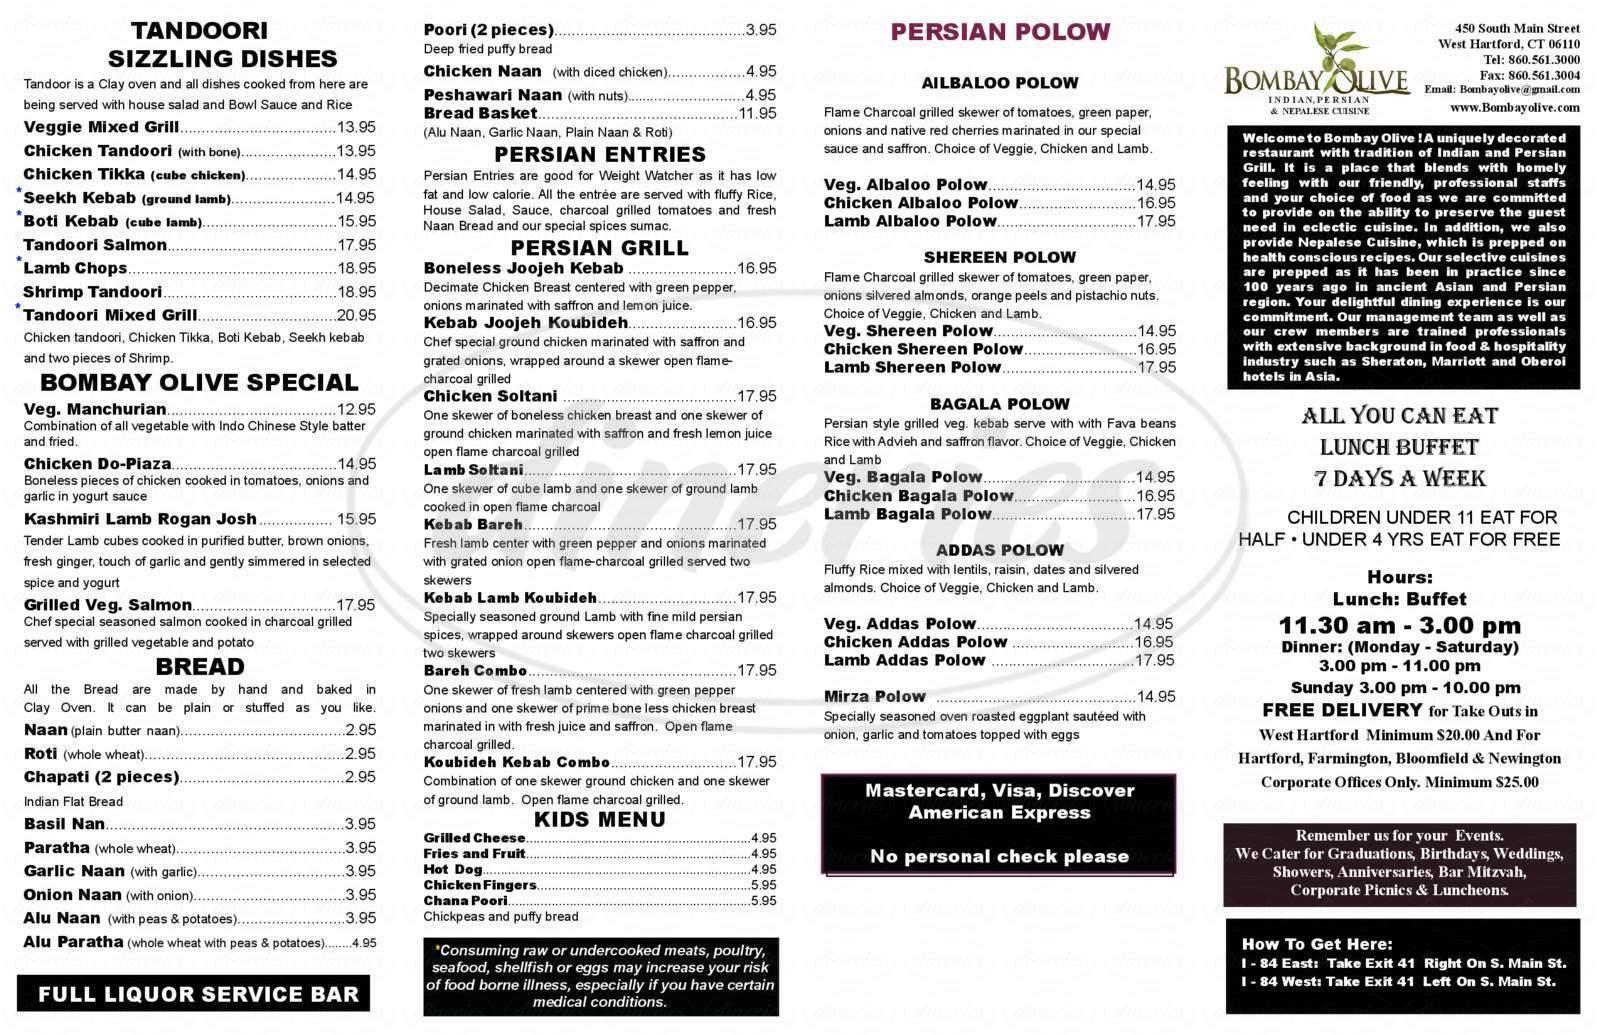 menu for Bombay Olive